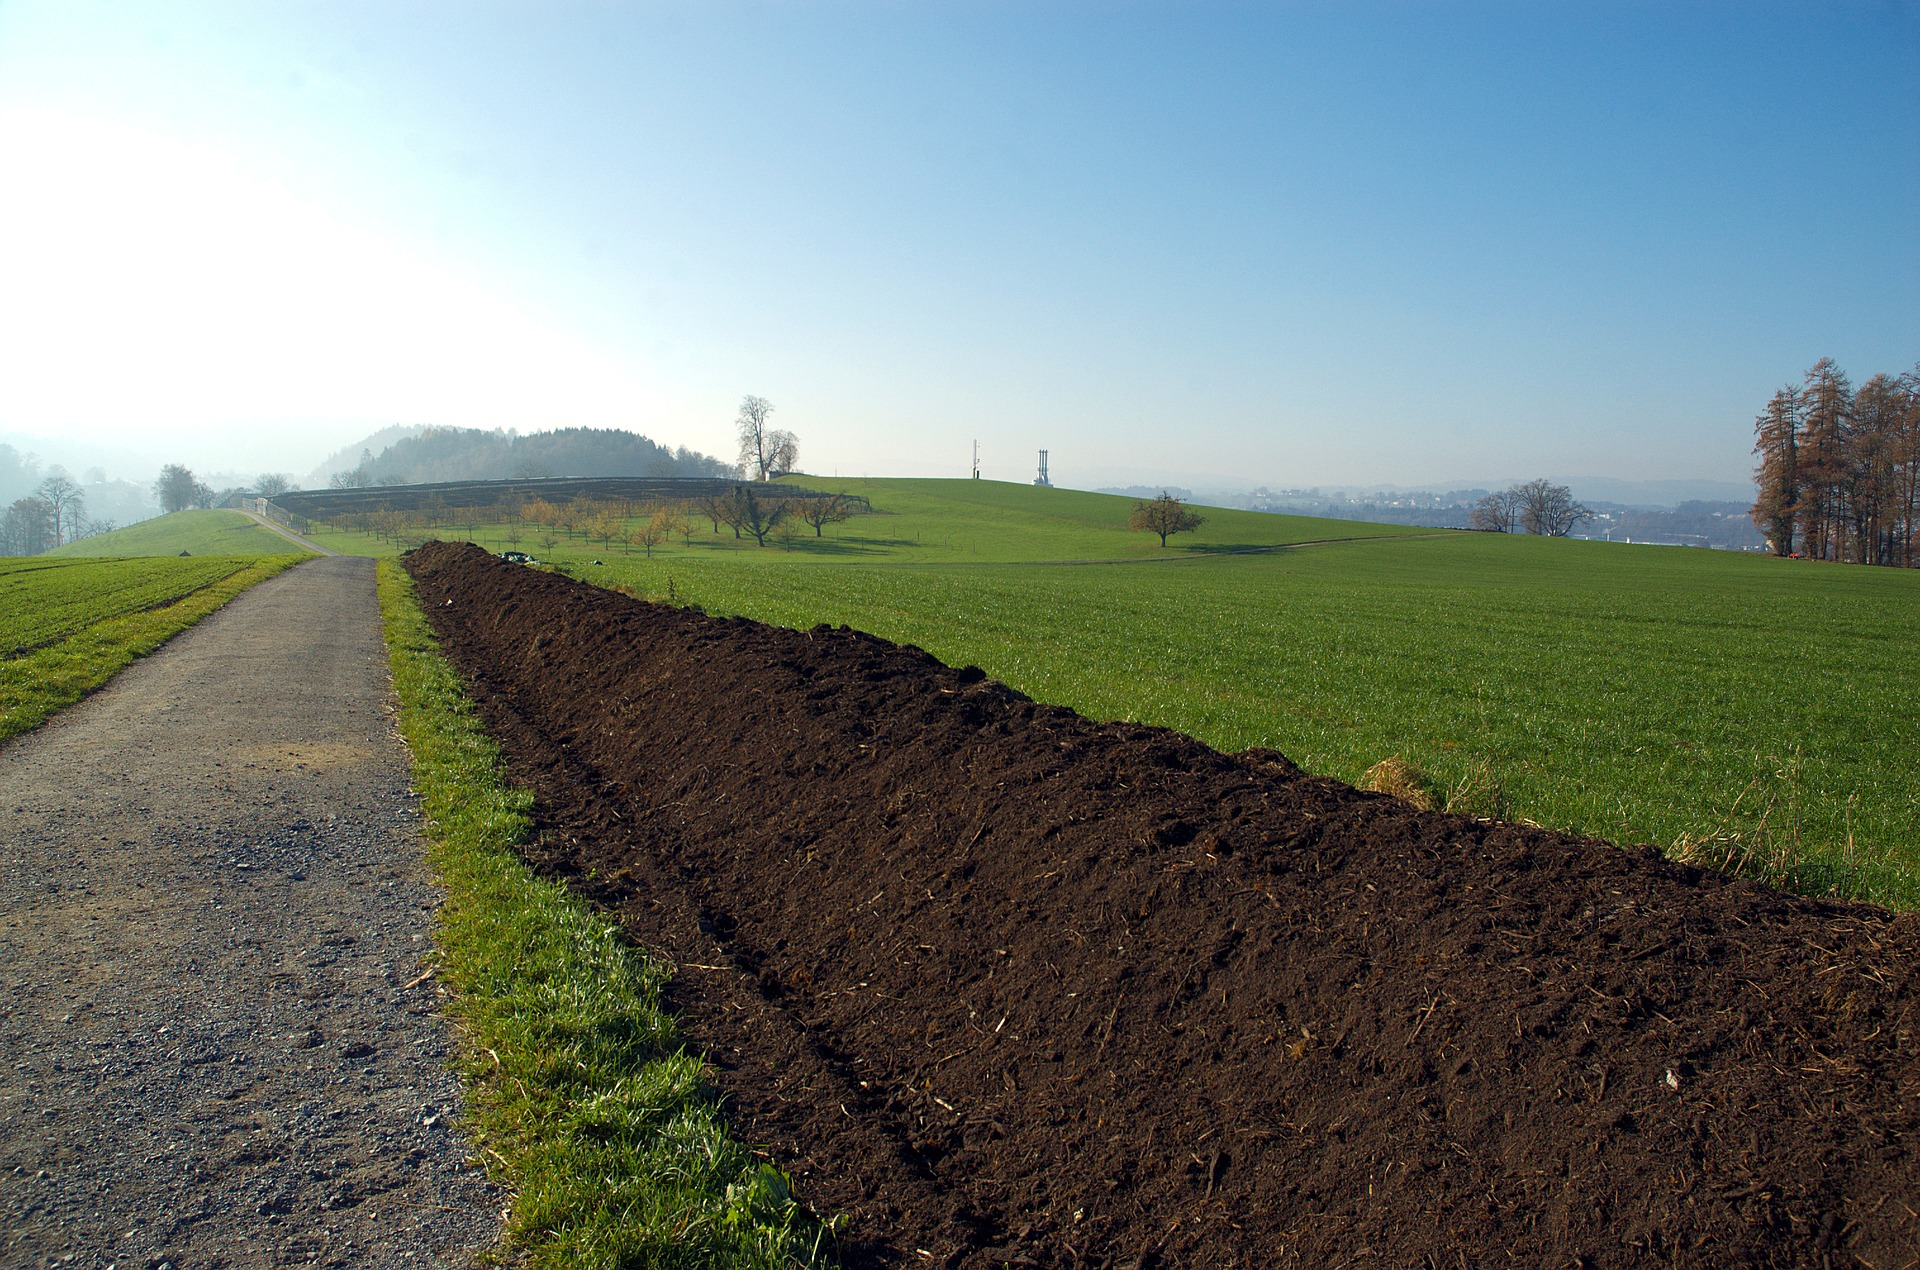 Kompost in der Landwirtschaft